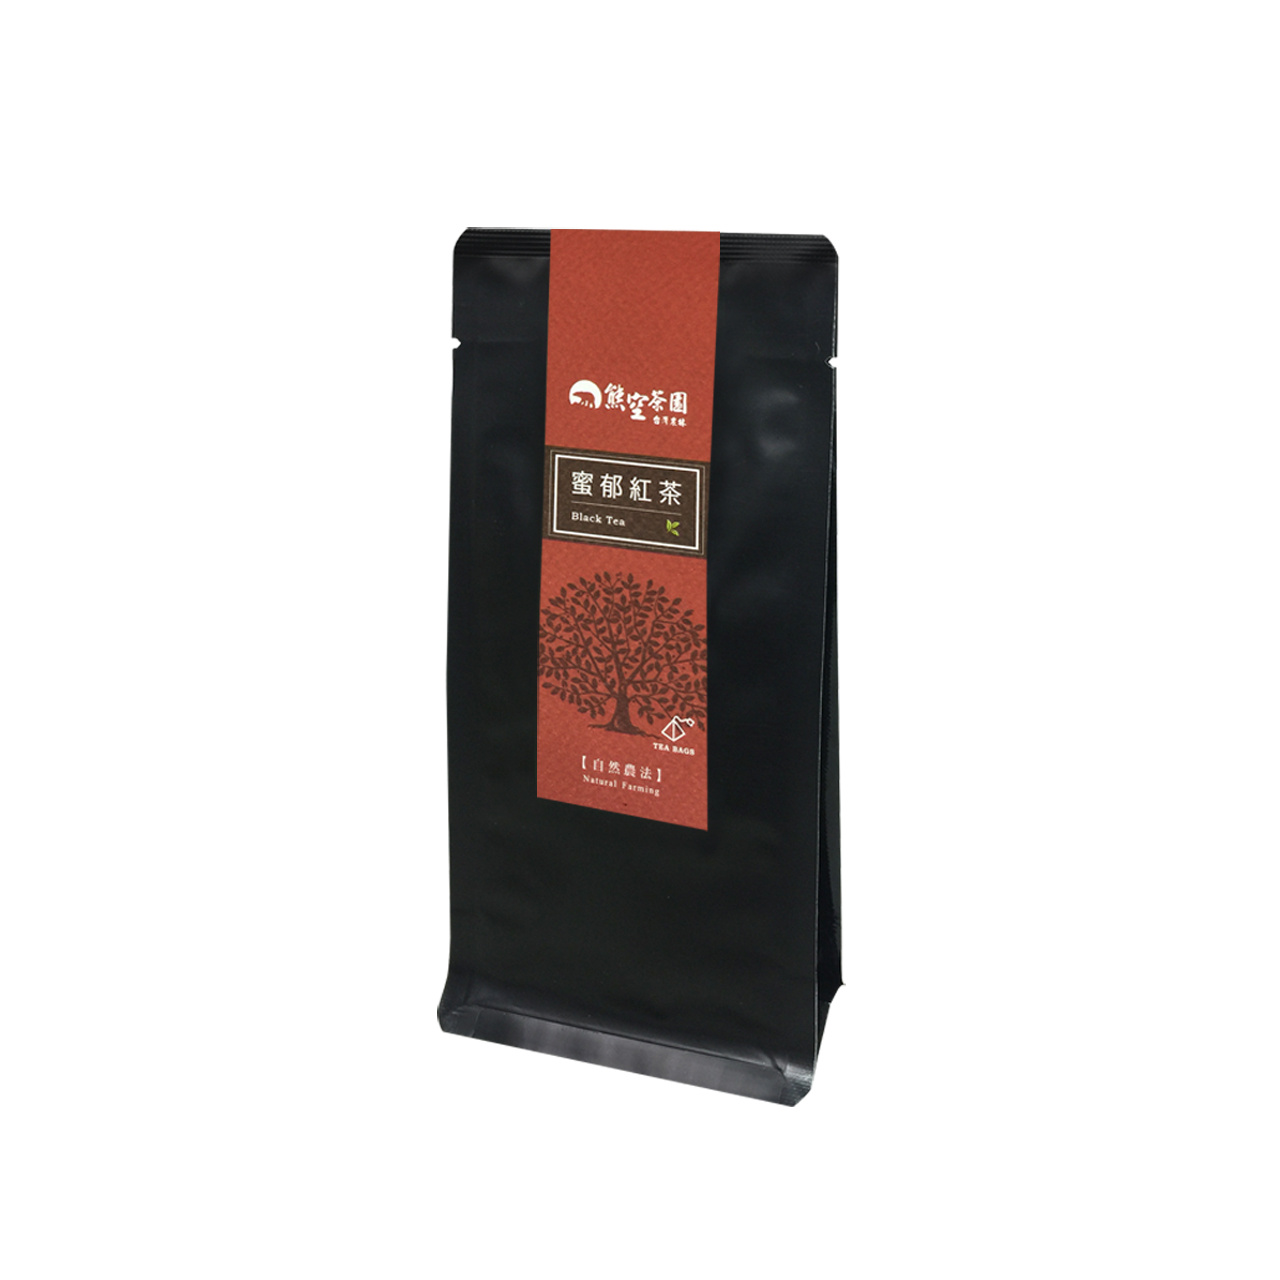 熊空-蜜郁紅茶立體茶包(自然農法)